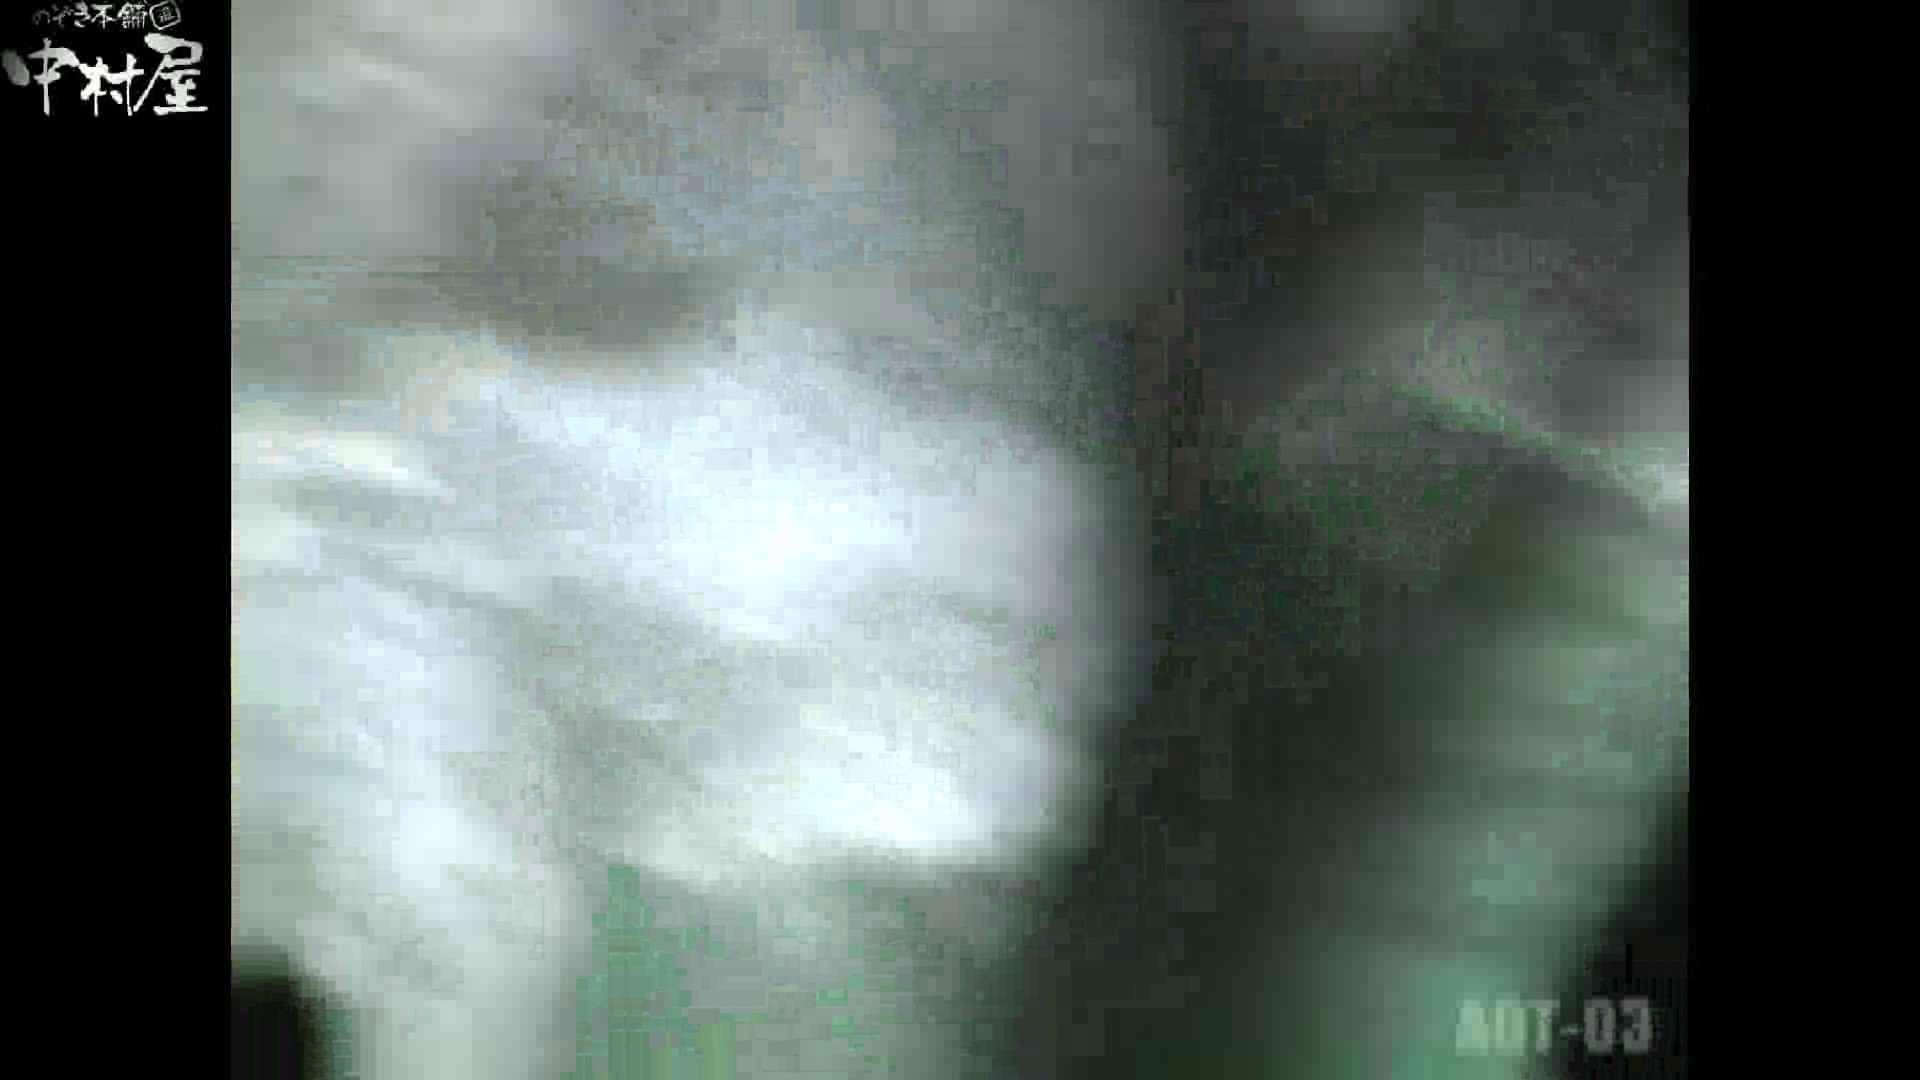 Aquaな露天風呂Vol.867潜入盗撮露天風呂参判湯 其の四 盗撮師作品 ぱこり動画紹介 90pic 6